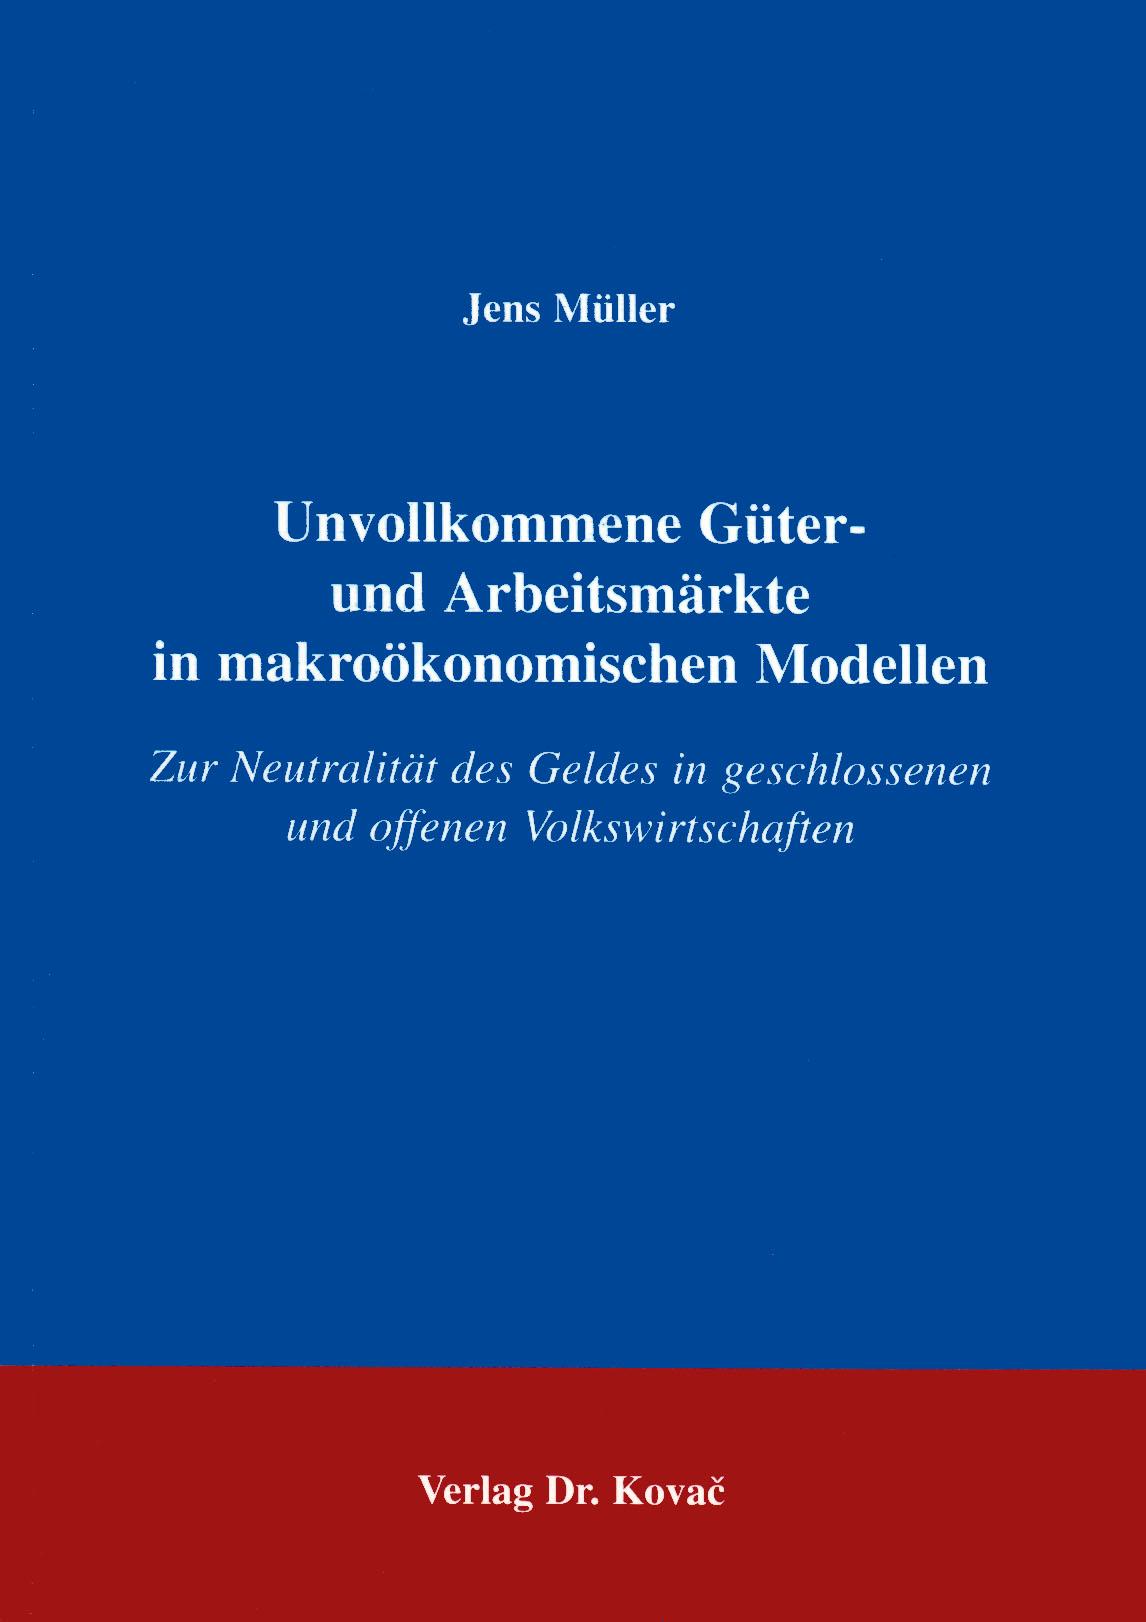 Cover: Unvollkommene Güter- und Arbeitsmärkte in makroökonomischen Modellen